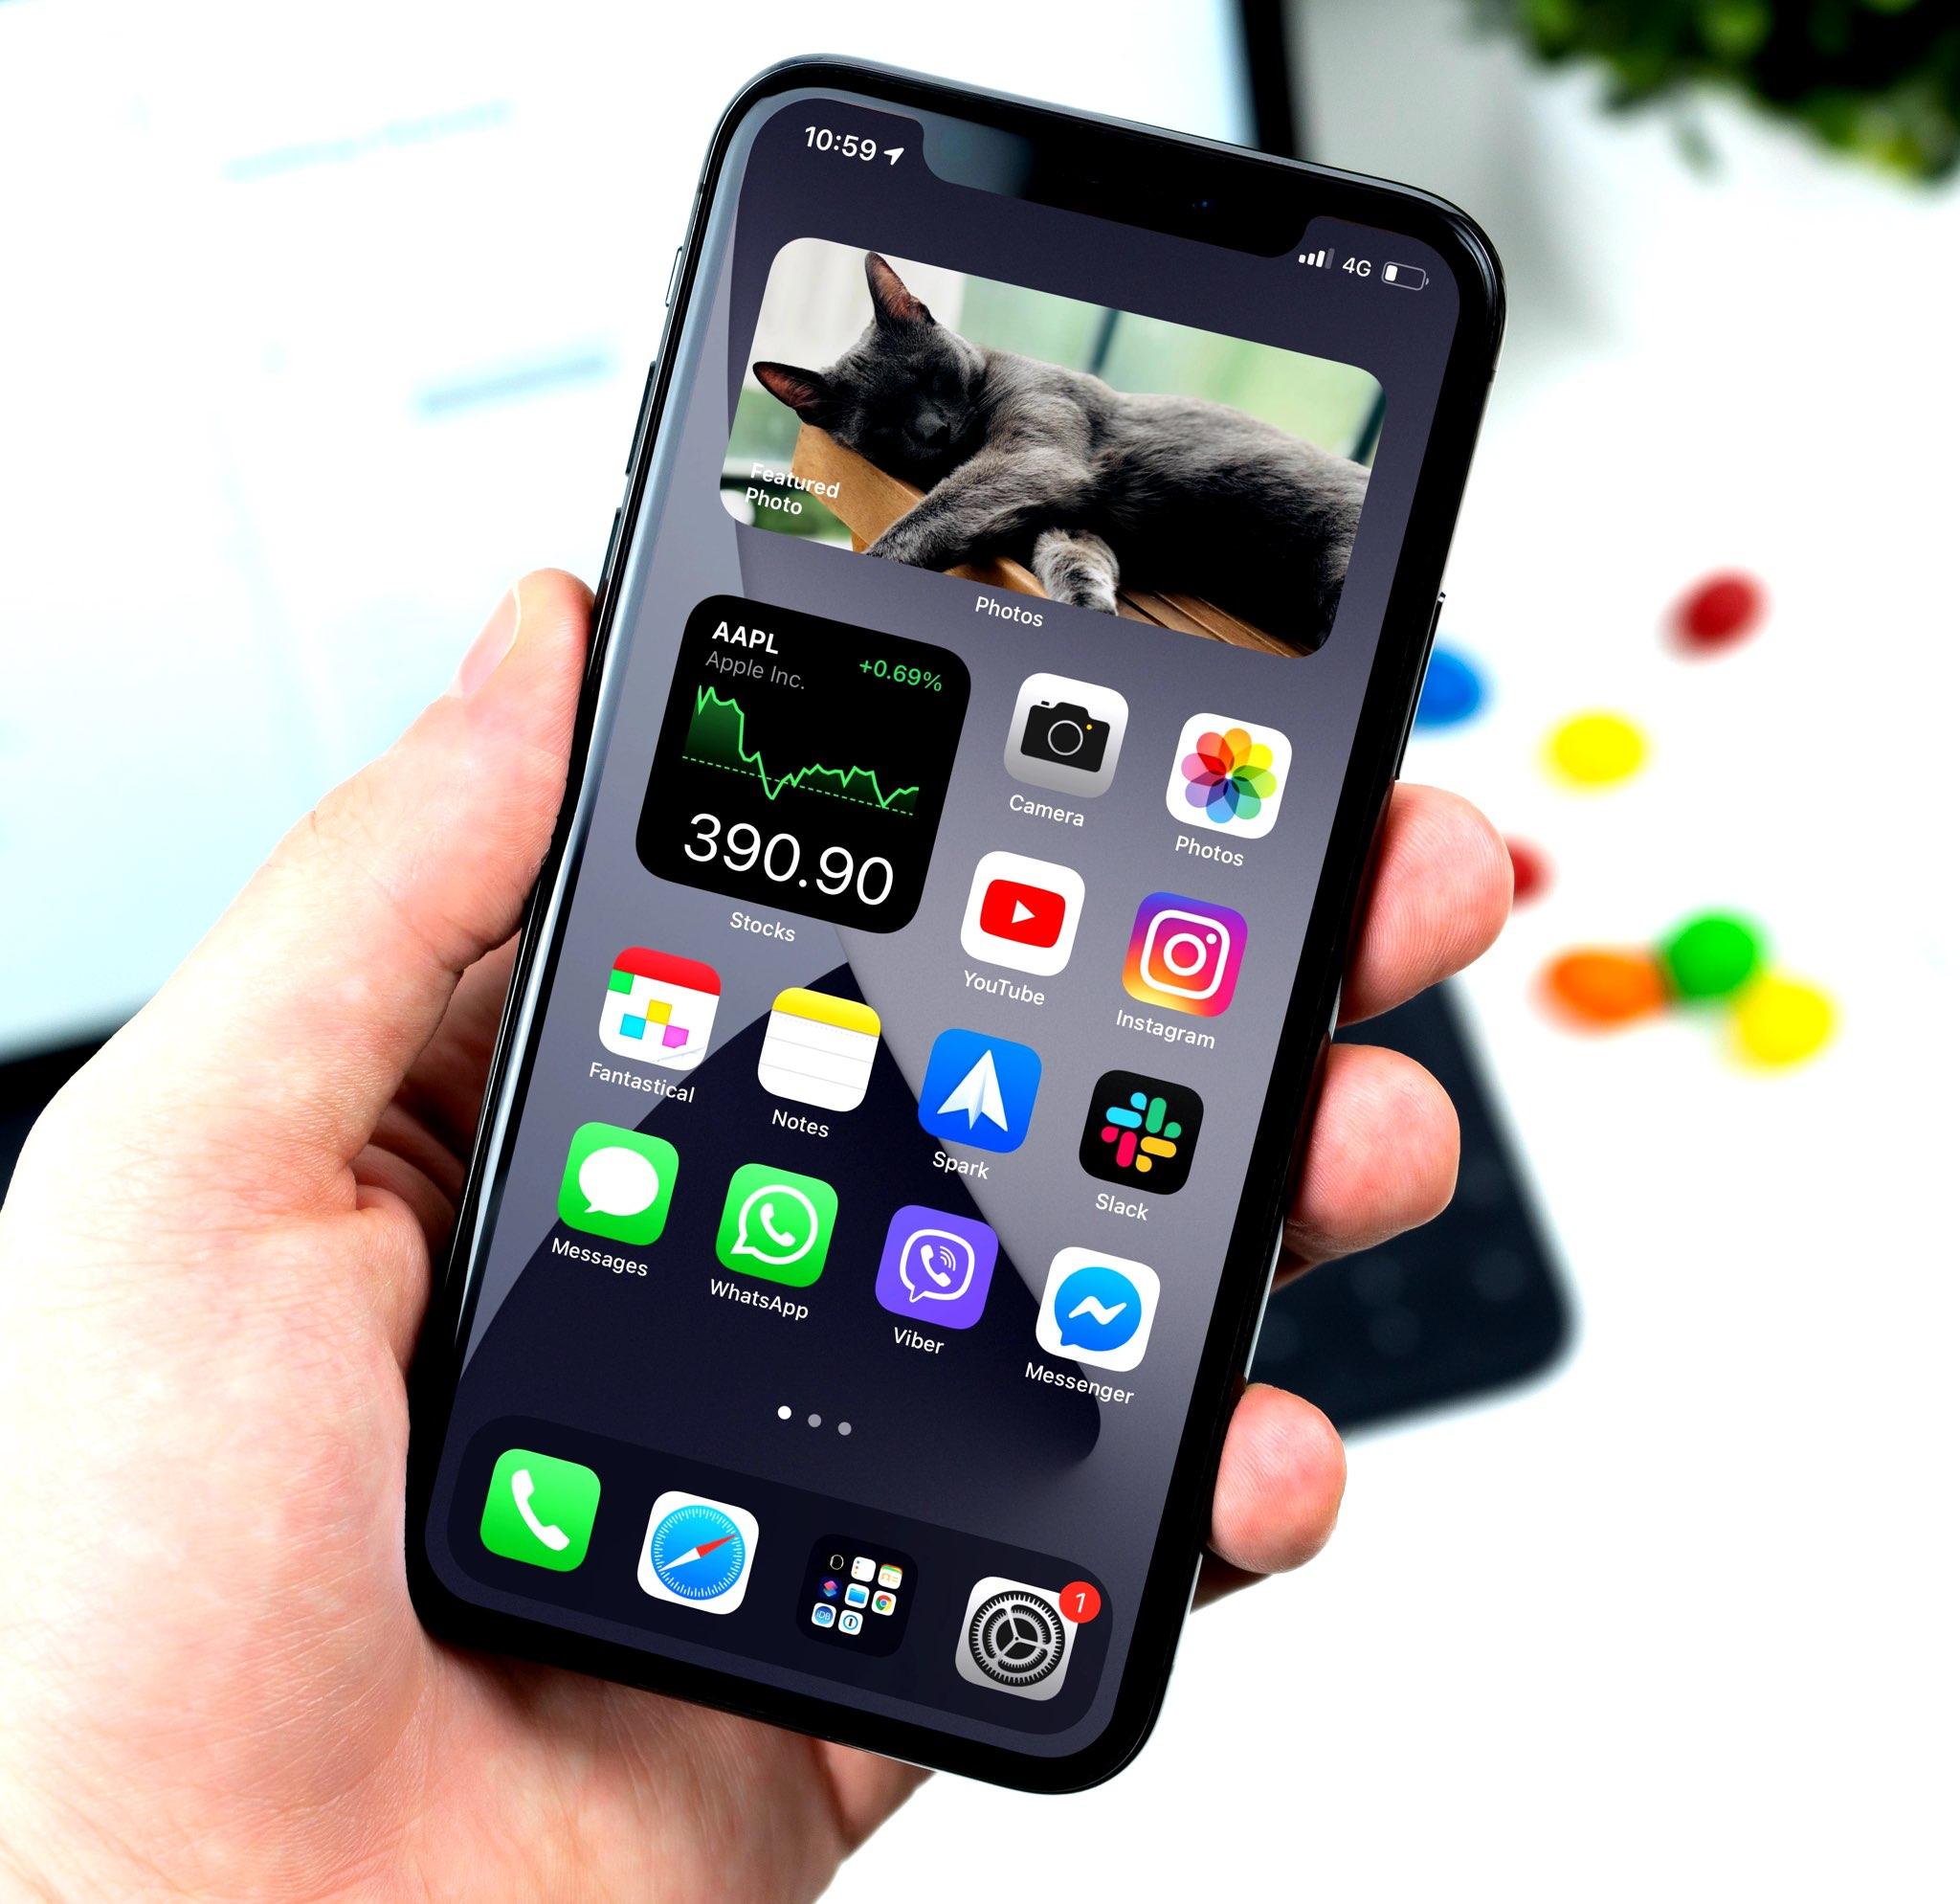 Widgets de pilha inteligente no iPhone - outro exemplo da tela inicial